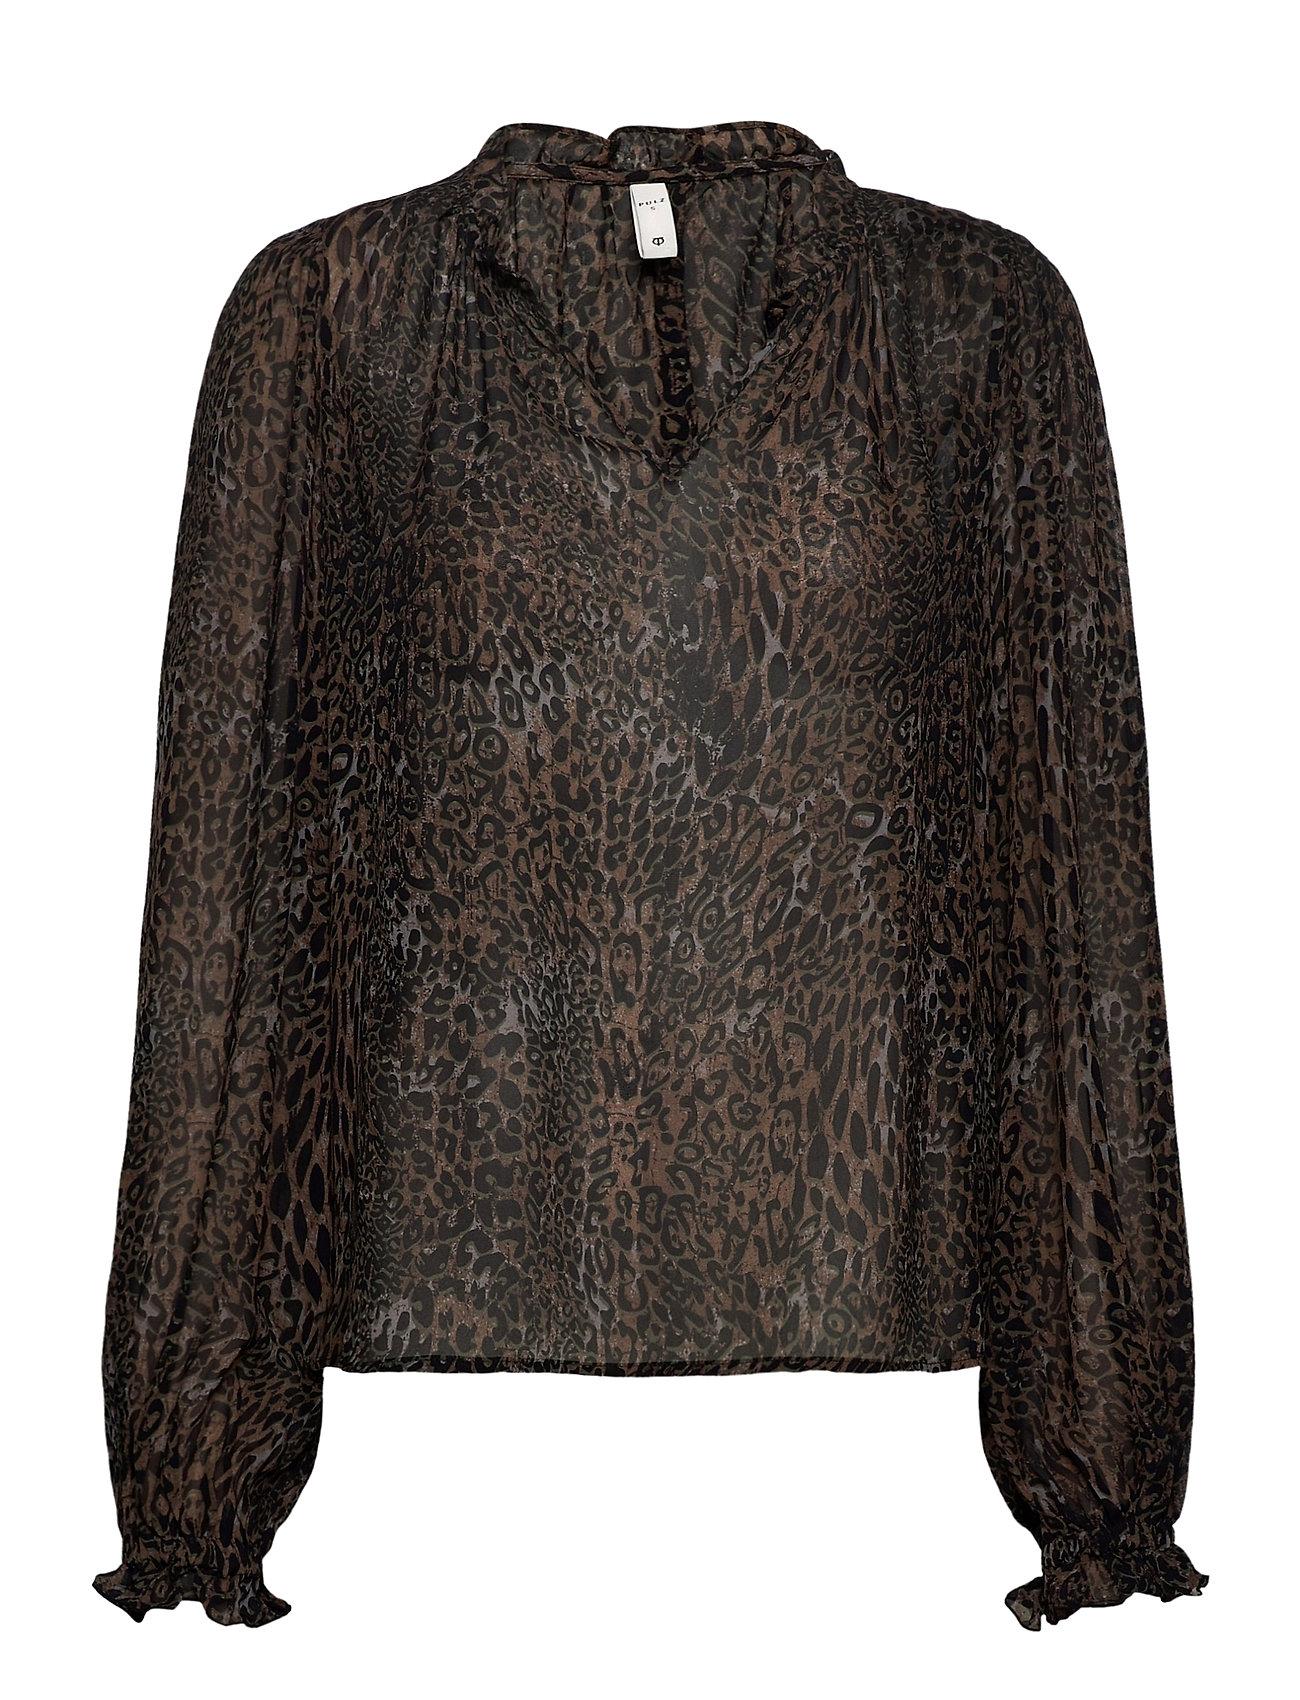 Image of Pzamaya Blouse Premium Quality Bluse Langærmet Sort Pulz Jeans (3490303767)